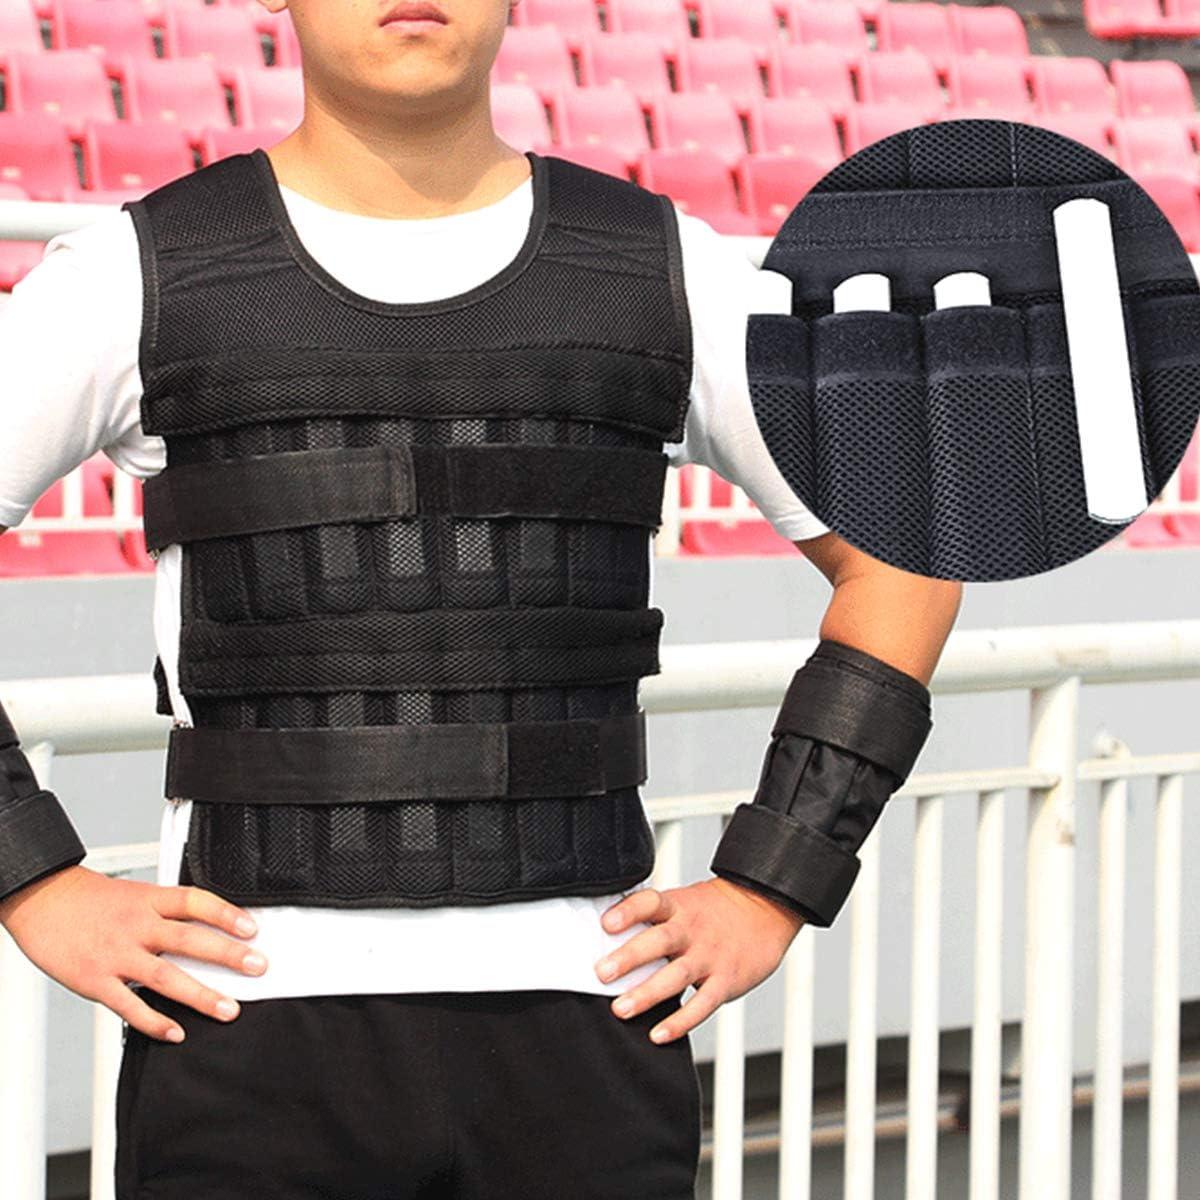 Gojiny Giubbotto Pesato Regolabile Giacca Peso Corporeo Regolabile 15 kg 33 kg per Allenamento Fitness